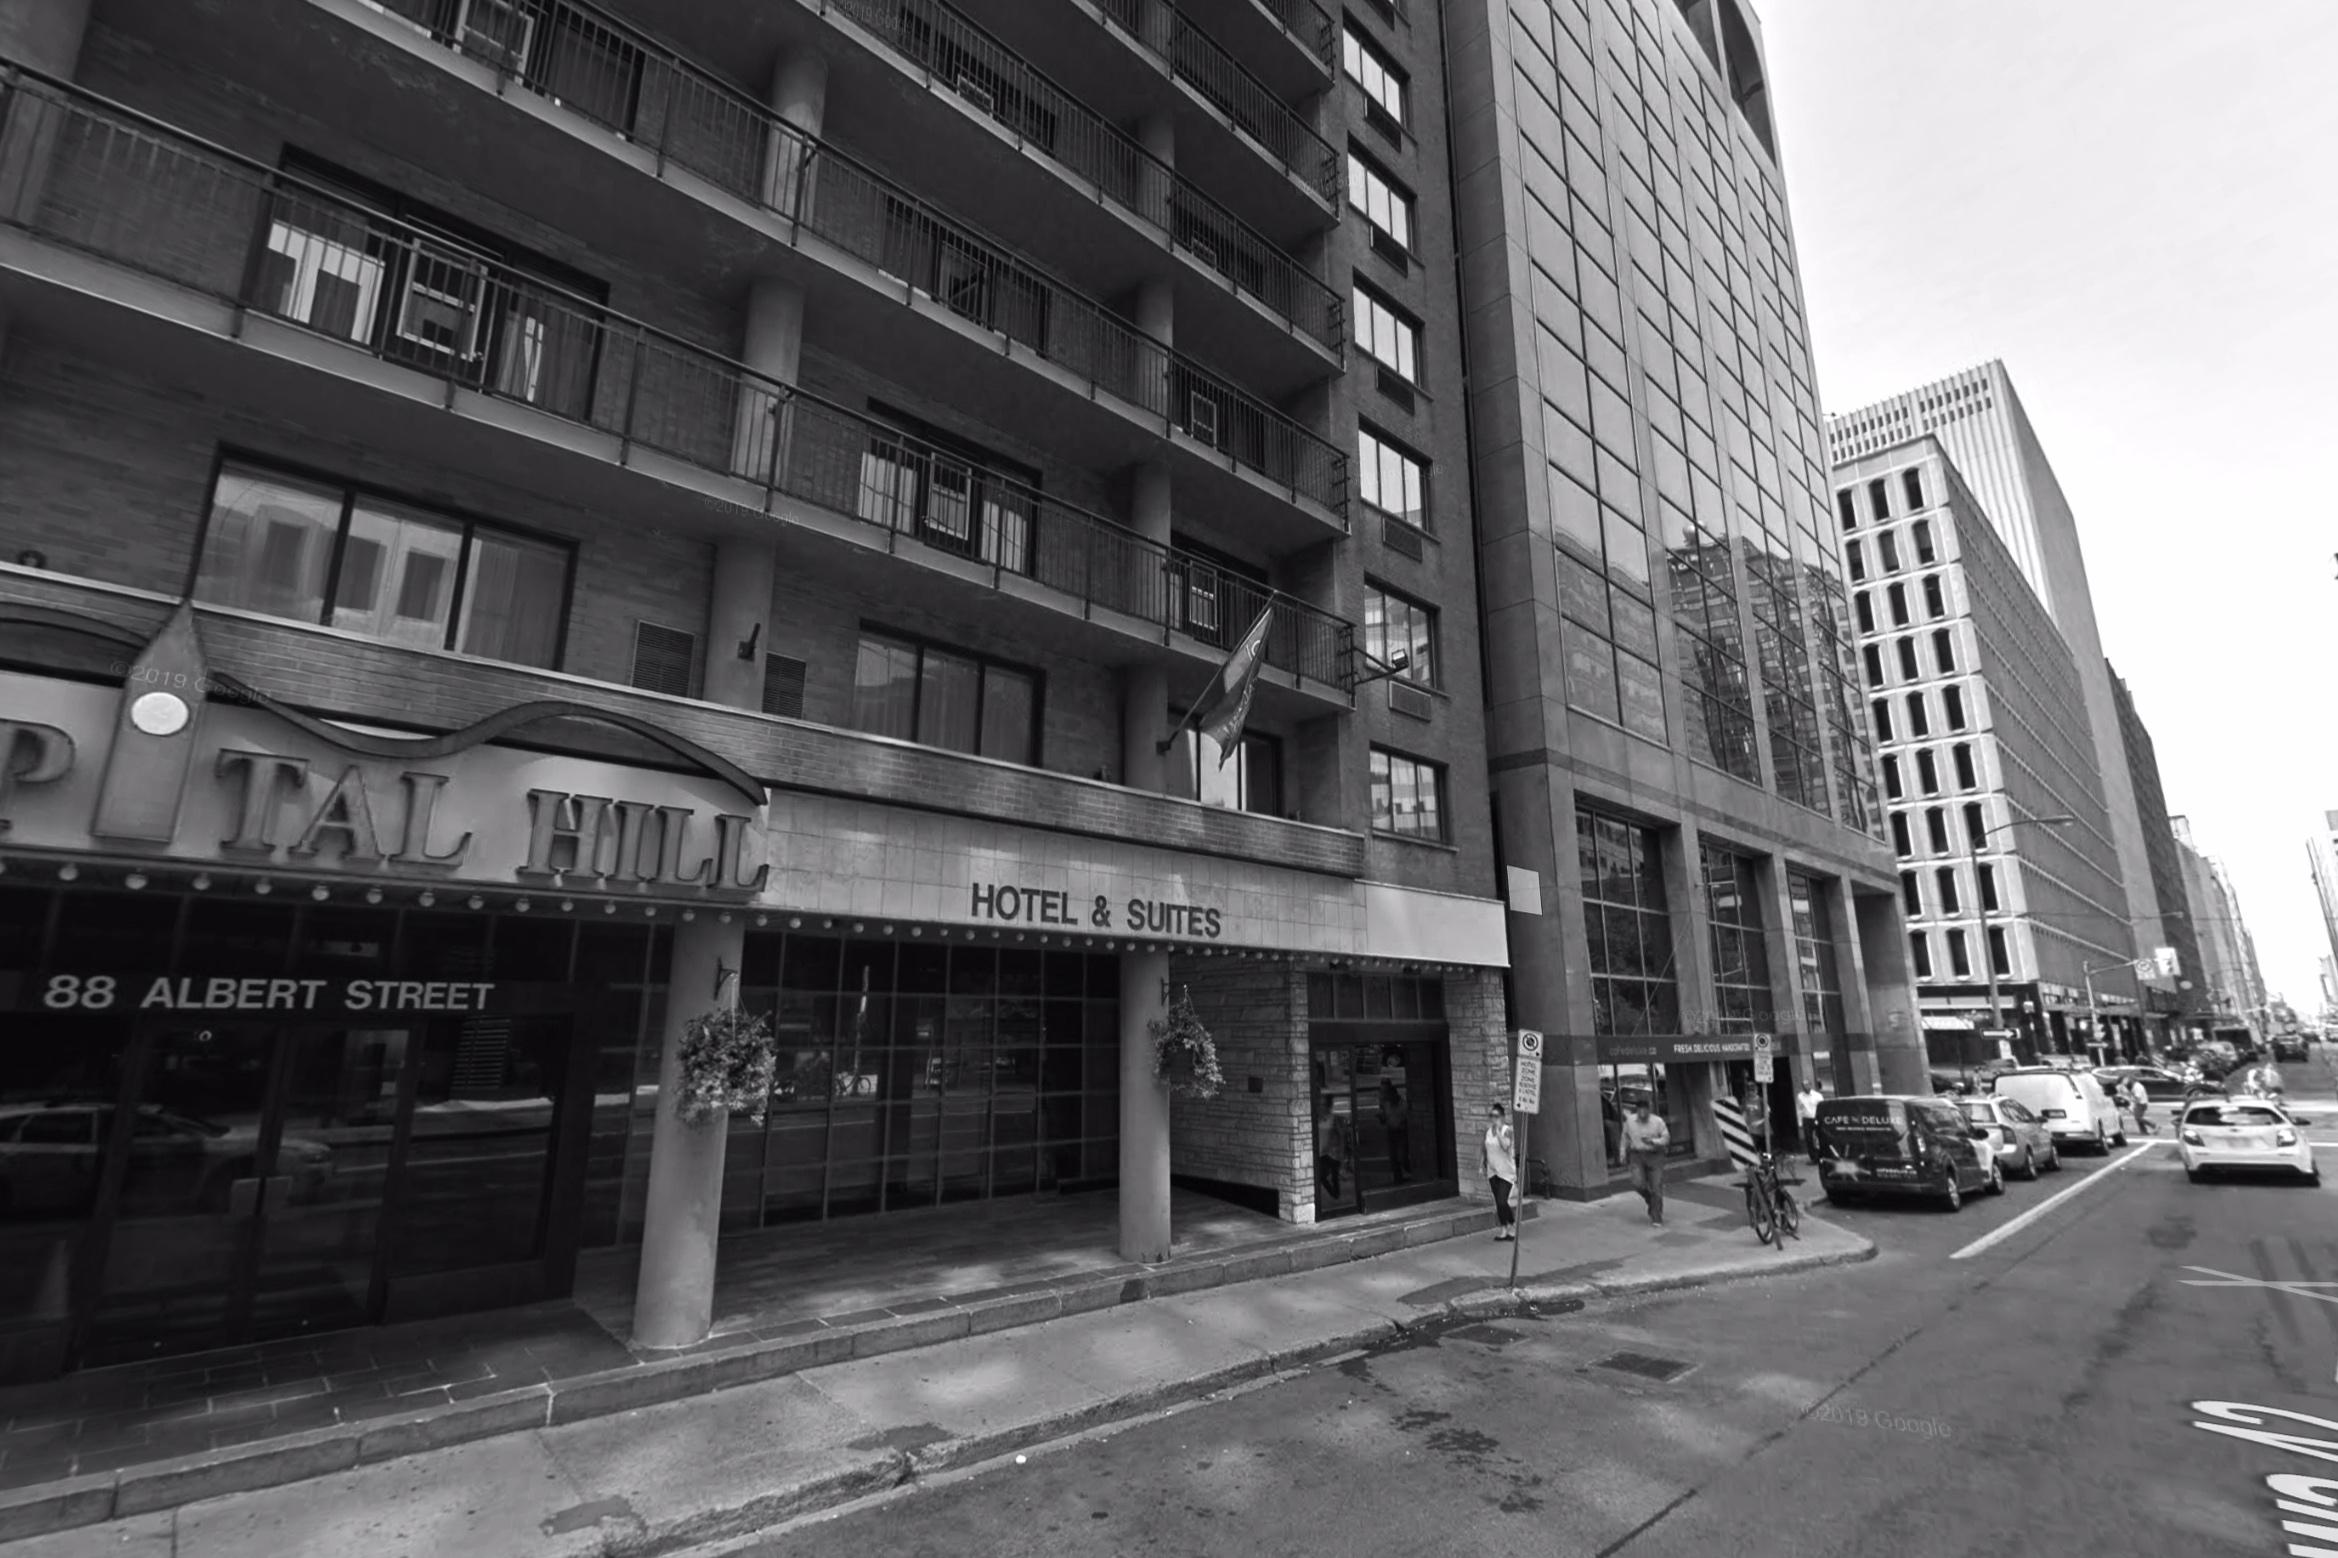 Capital Hill Hotel & Suites - 88 Albert Street, Ottawa